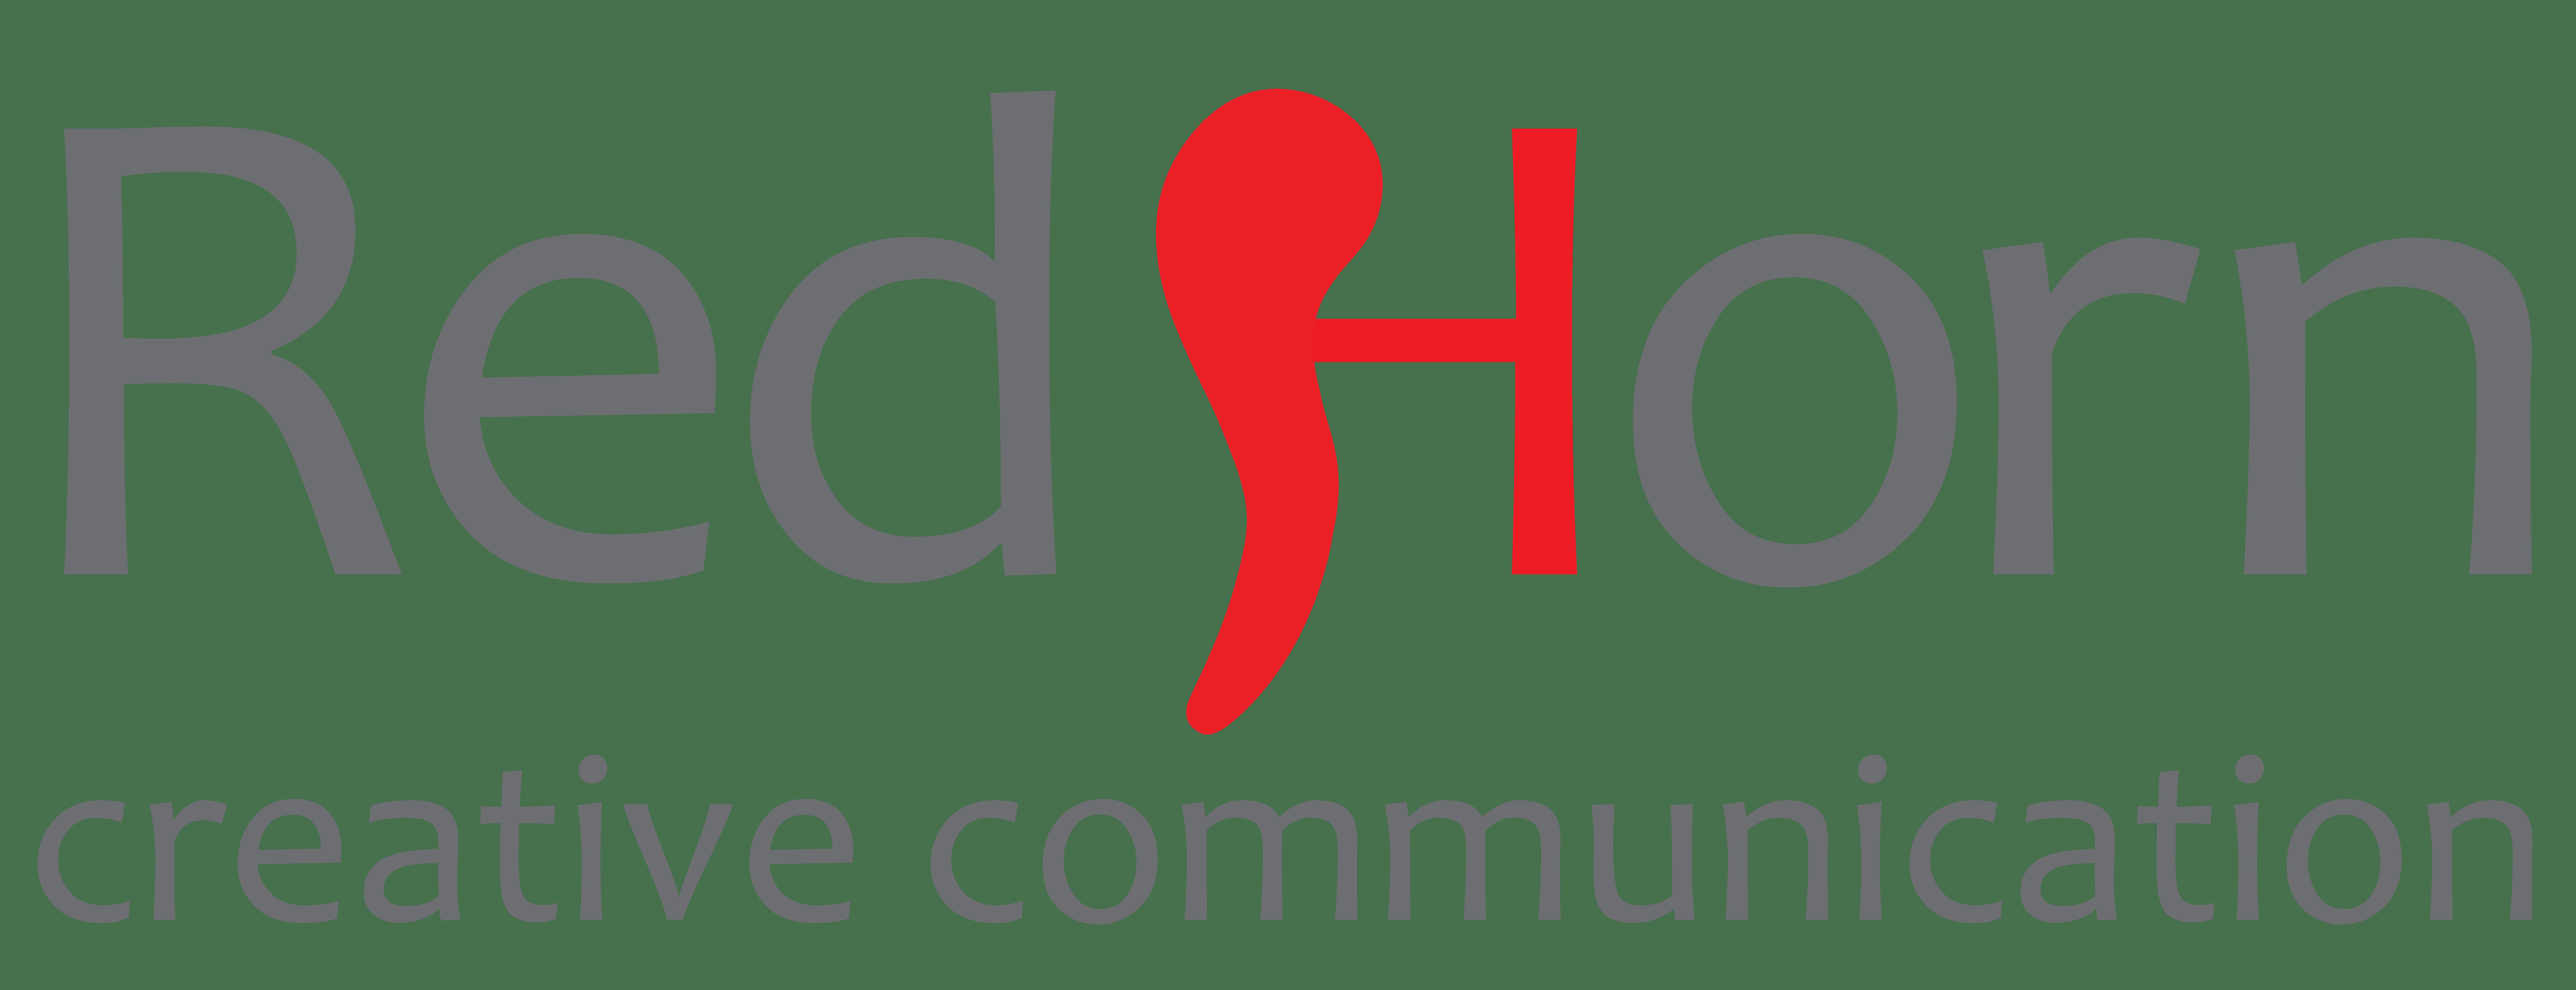 Comunica con RedHorn Creative Communication, agenzia di comunicazione in Italia, Campania | Creatività marchio registrato